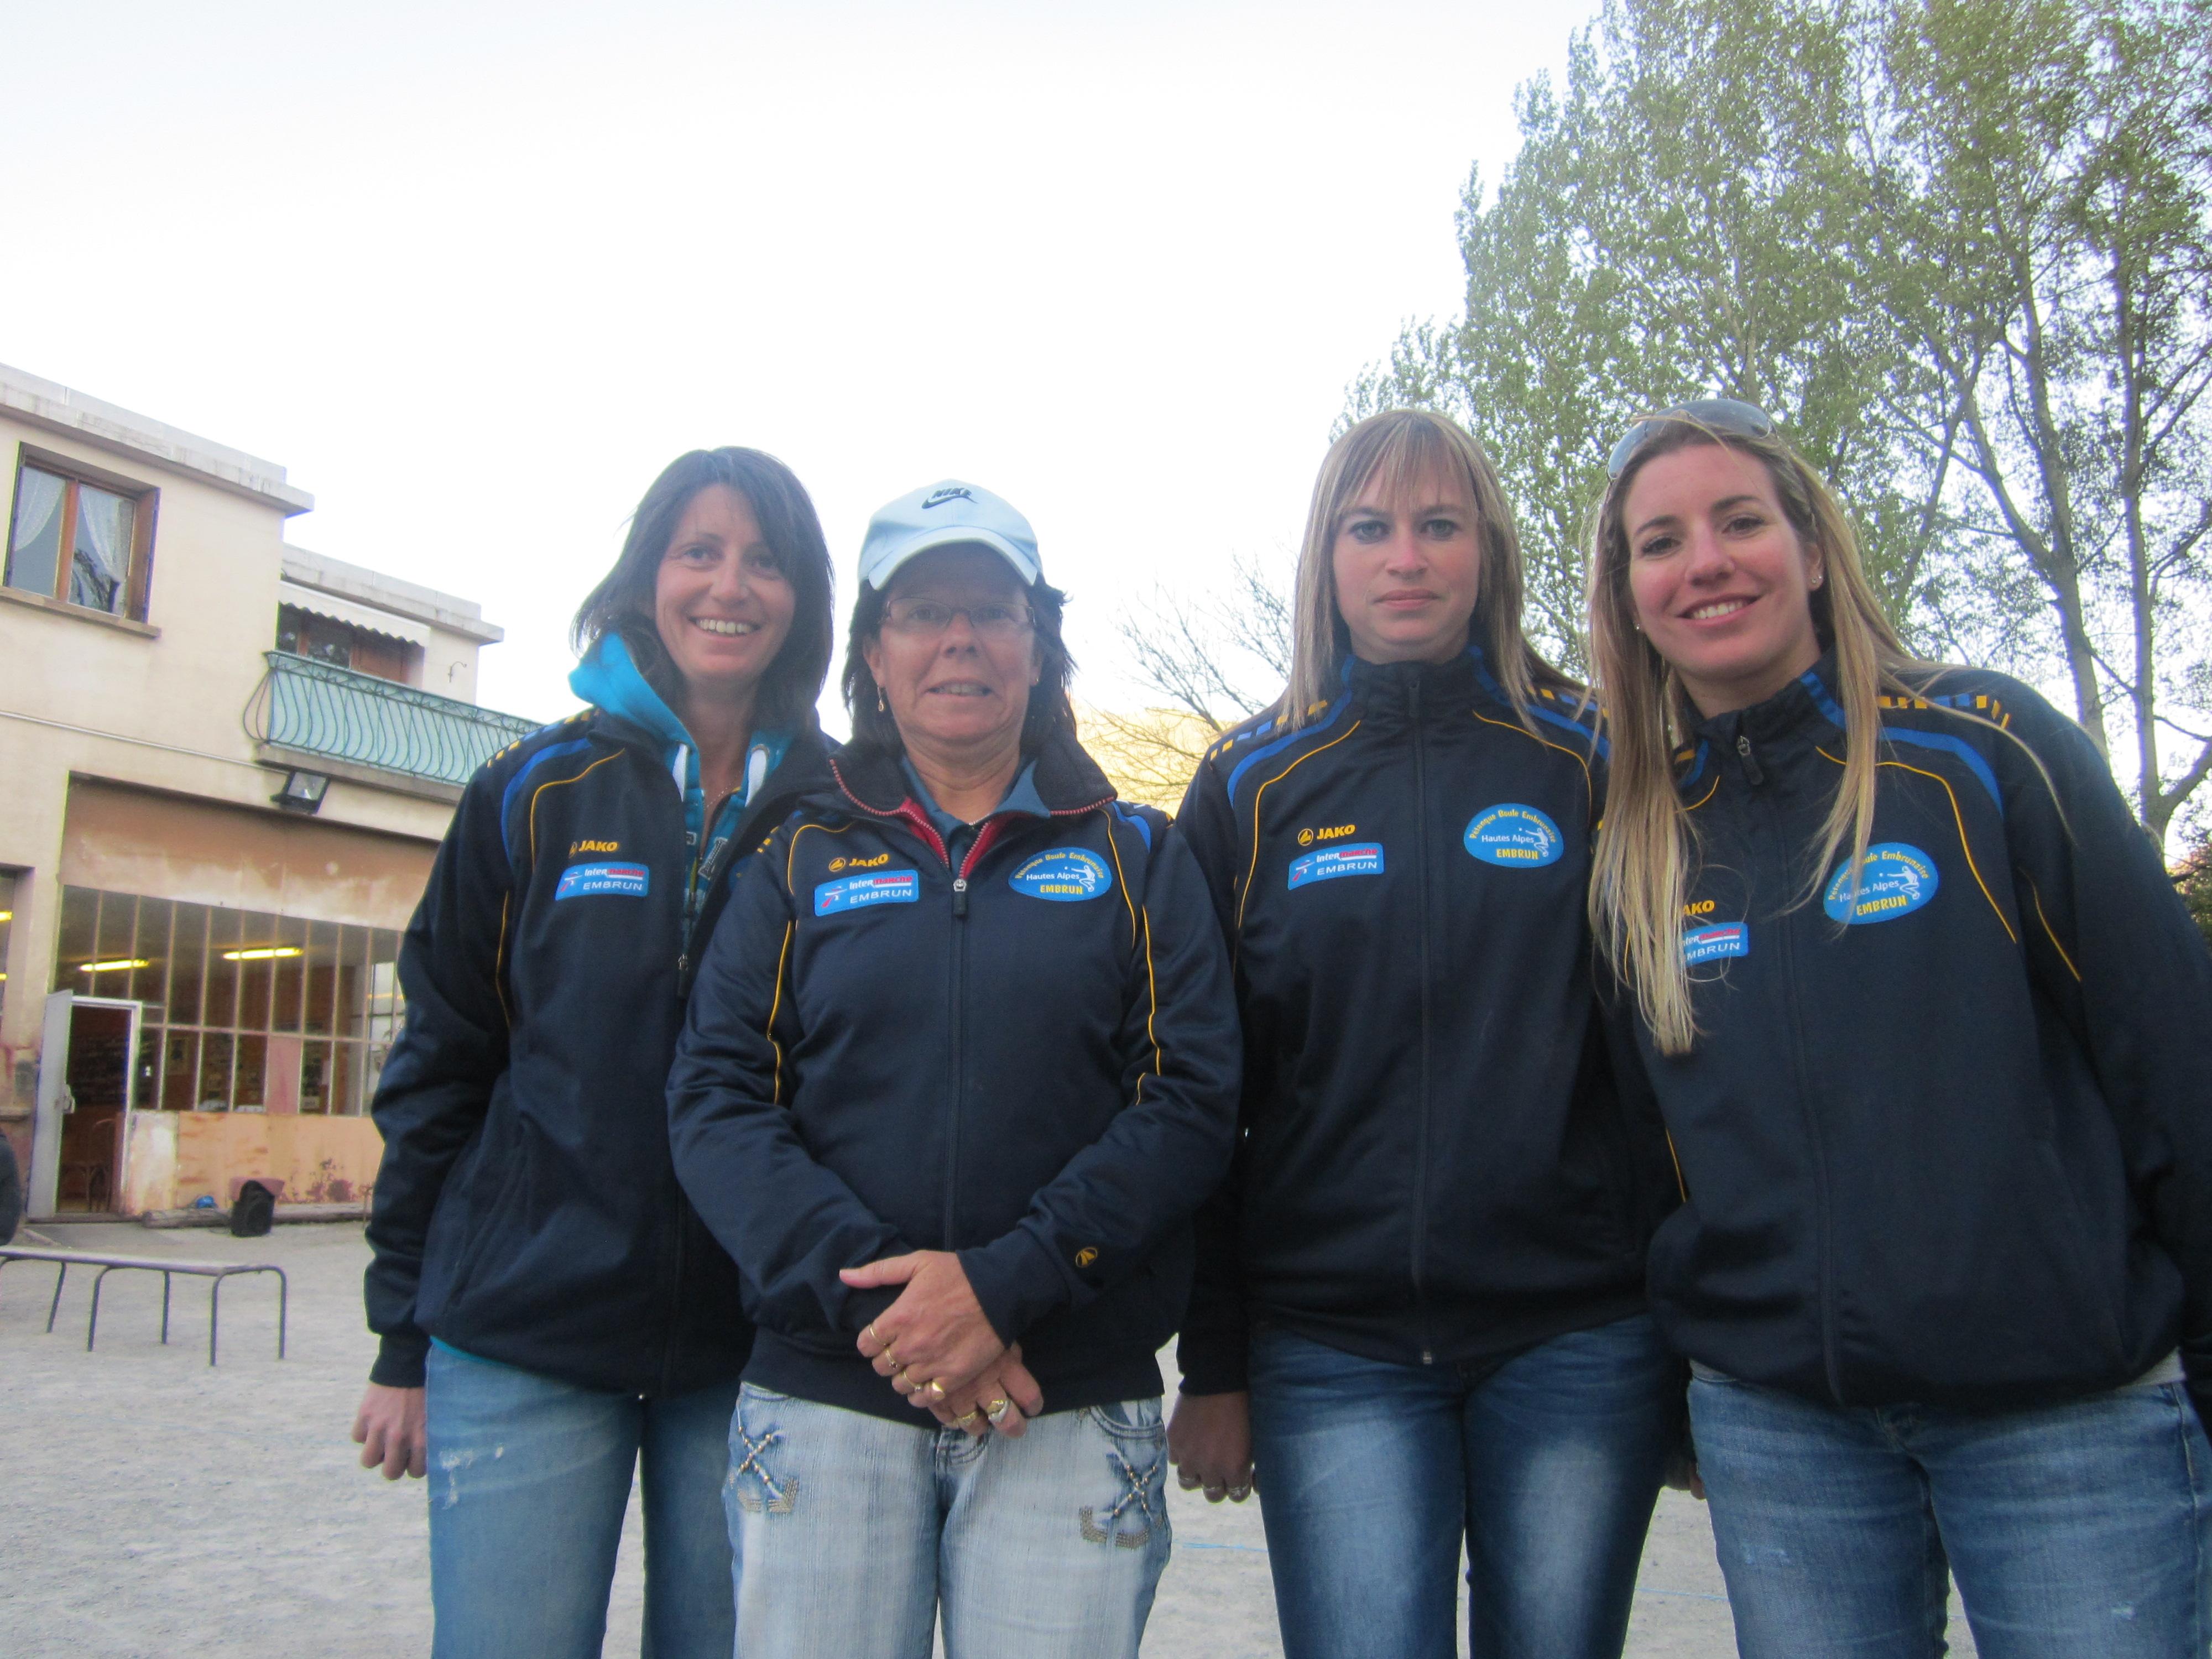 Coralie LEYRE et Stéphanie MATHIEU Championnes départemental doublette pétanque féminin 2014